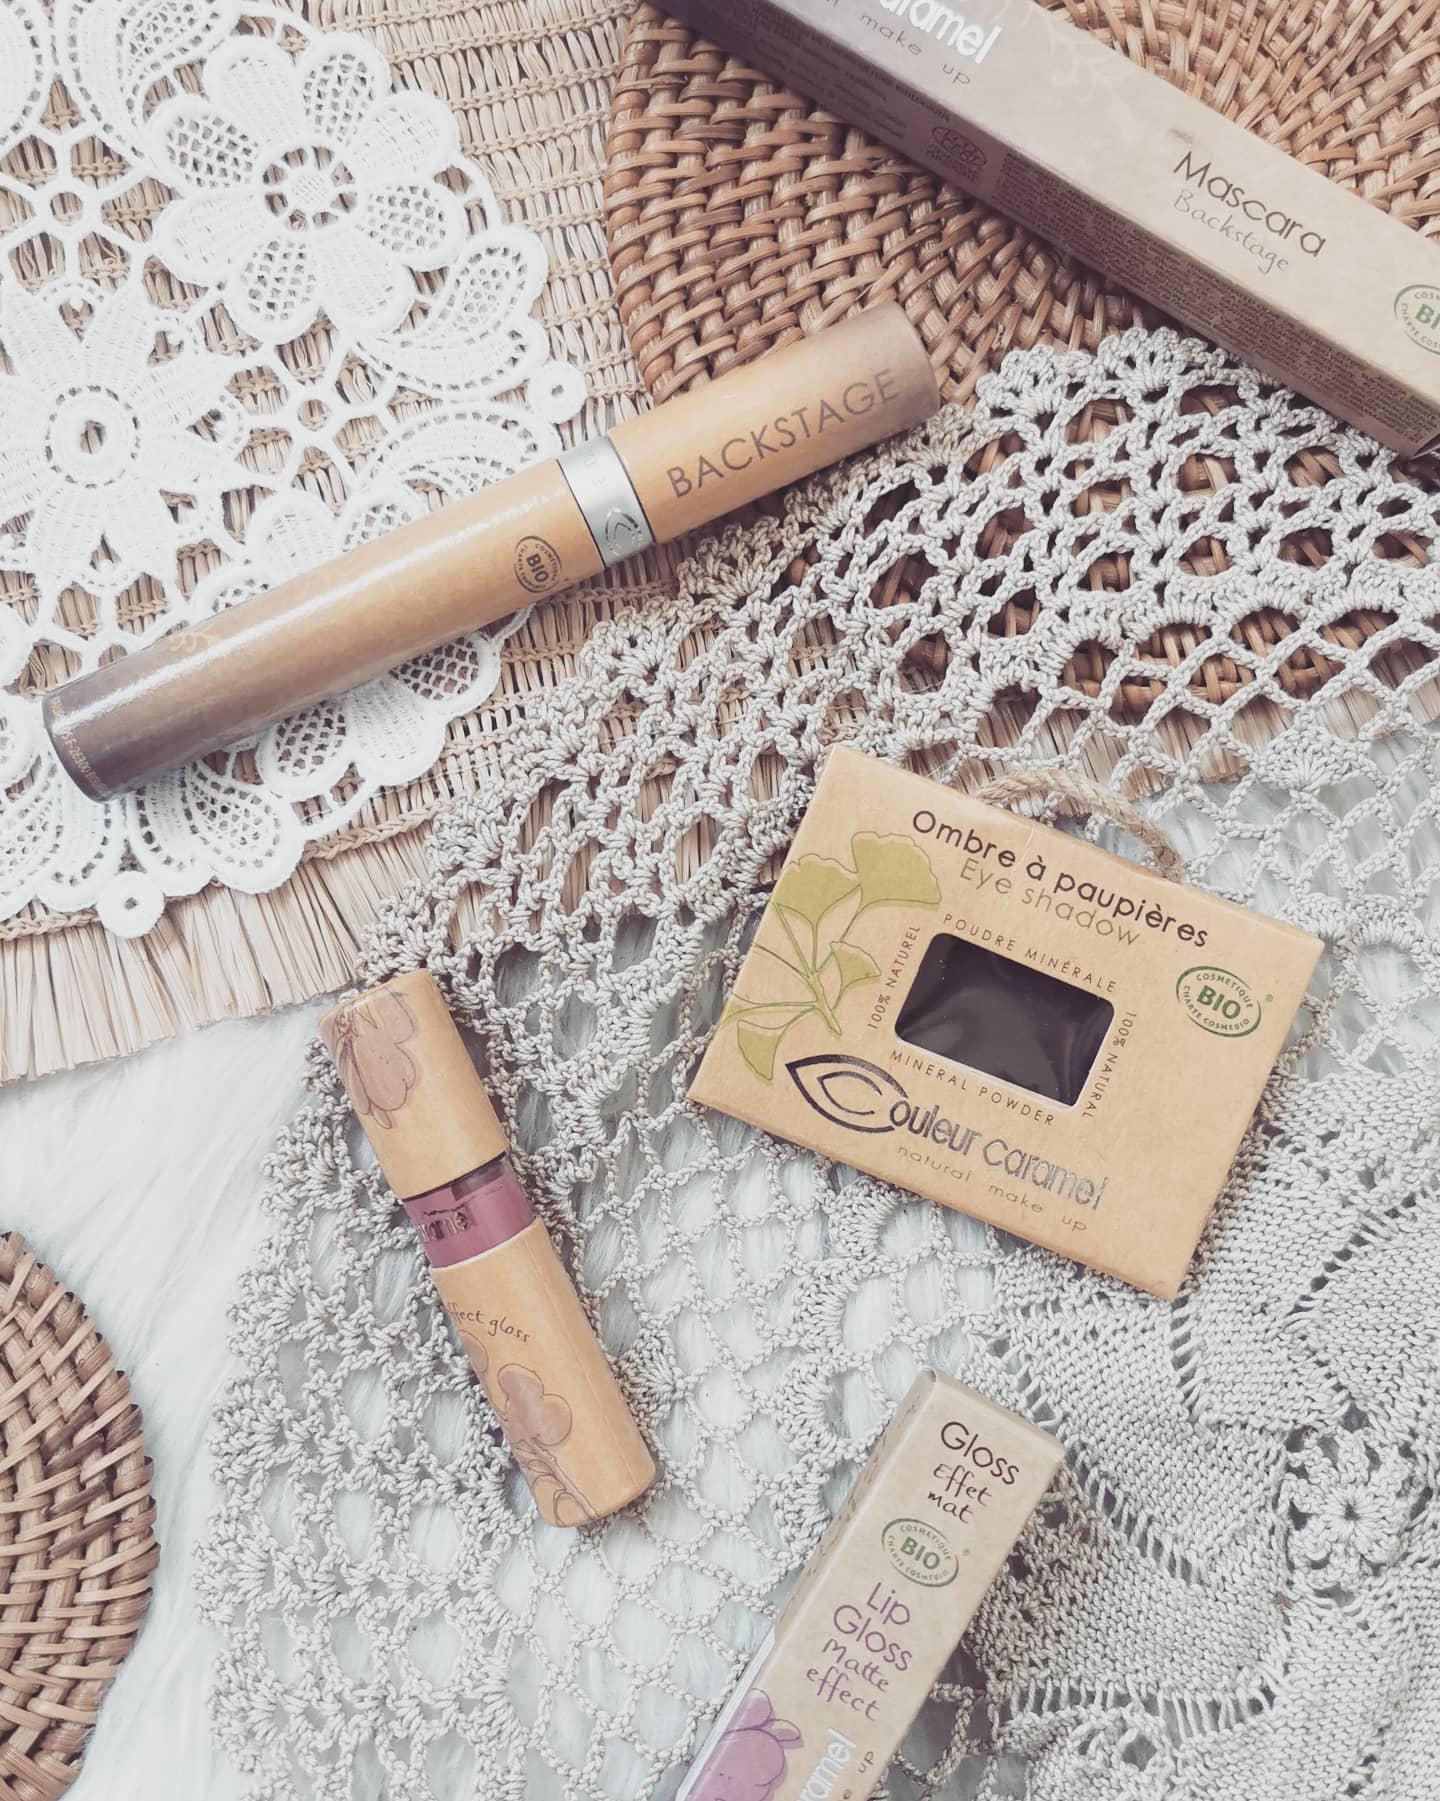 Jak podkreślić swoje naturalne piękno? Recenzja kosmetyków marki Couleur Caramel.